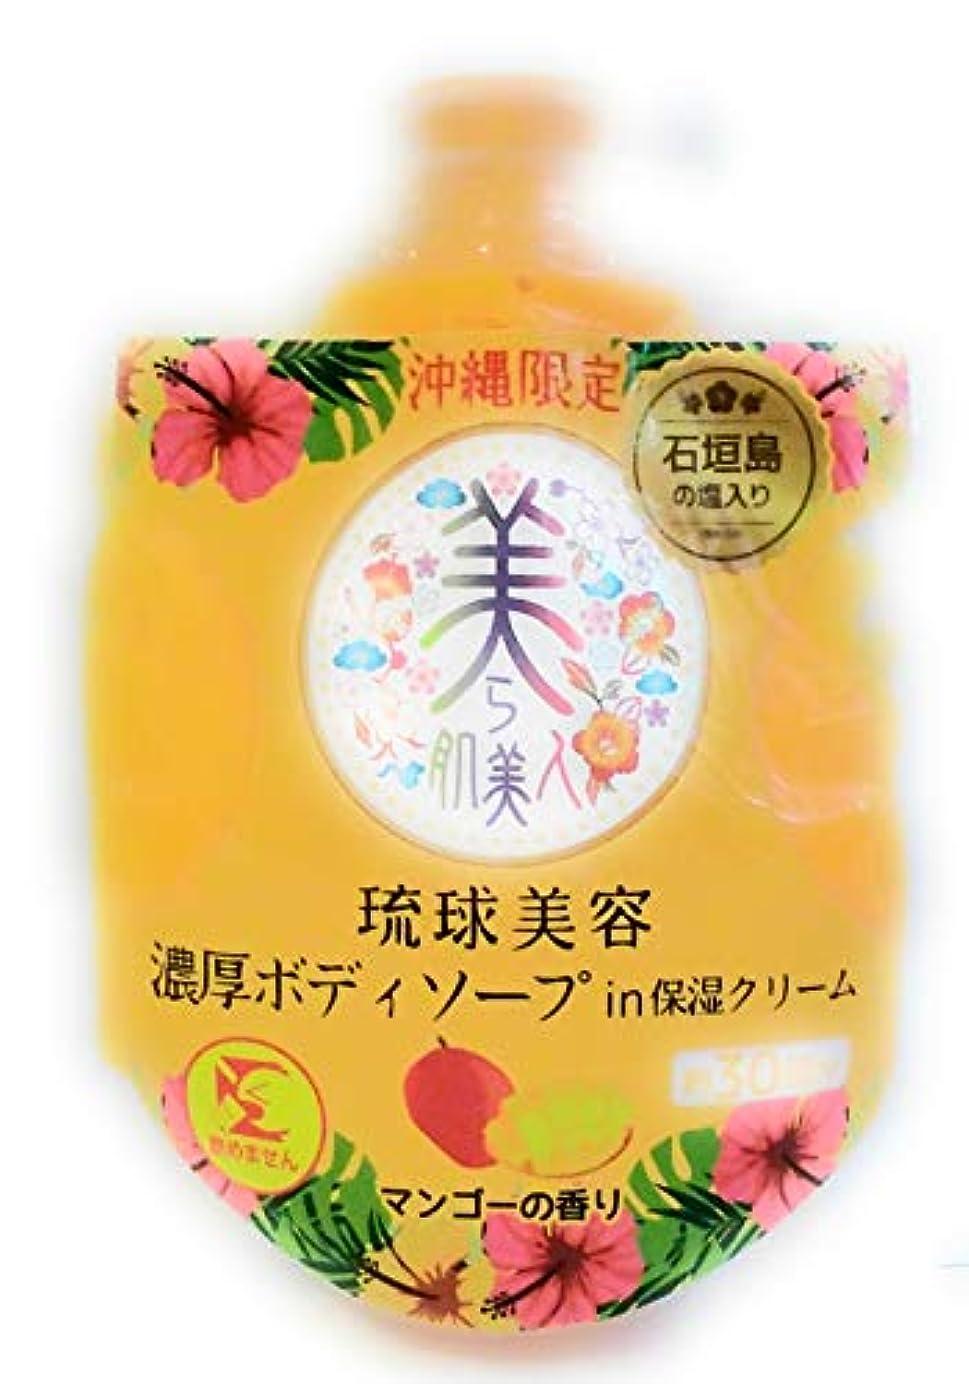 ロマンス菊または沖縄限定 美ら肌美人 琉球美容濃厚ボディソープin保湿クリーム マンゴーの香り